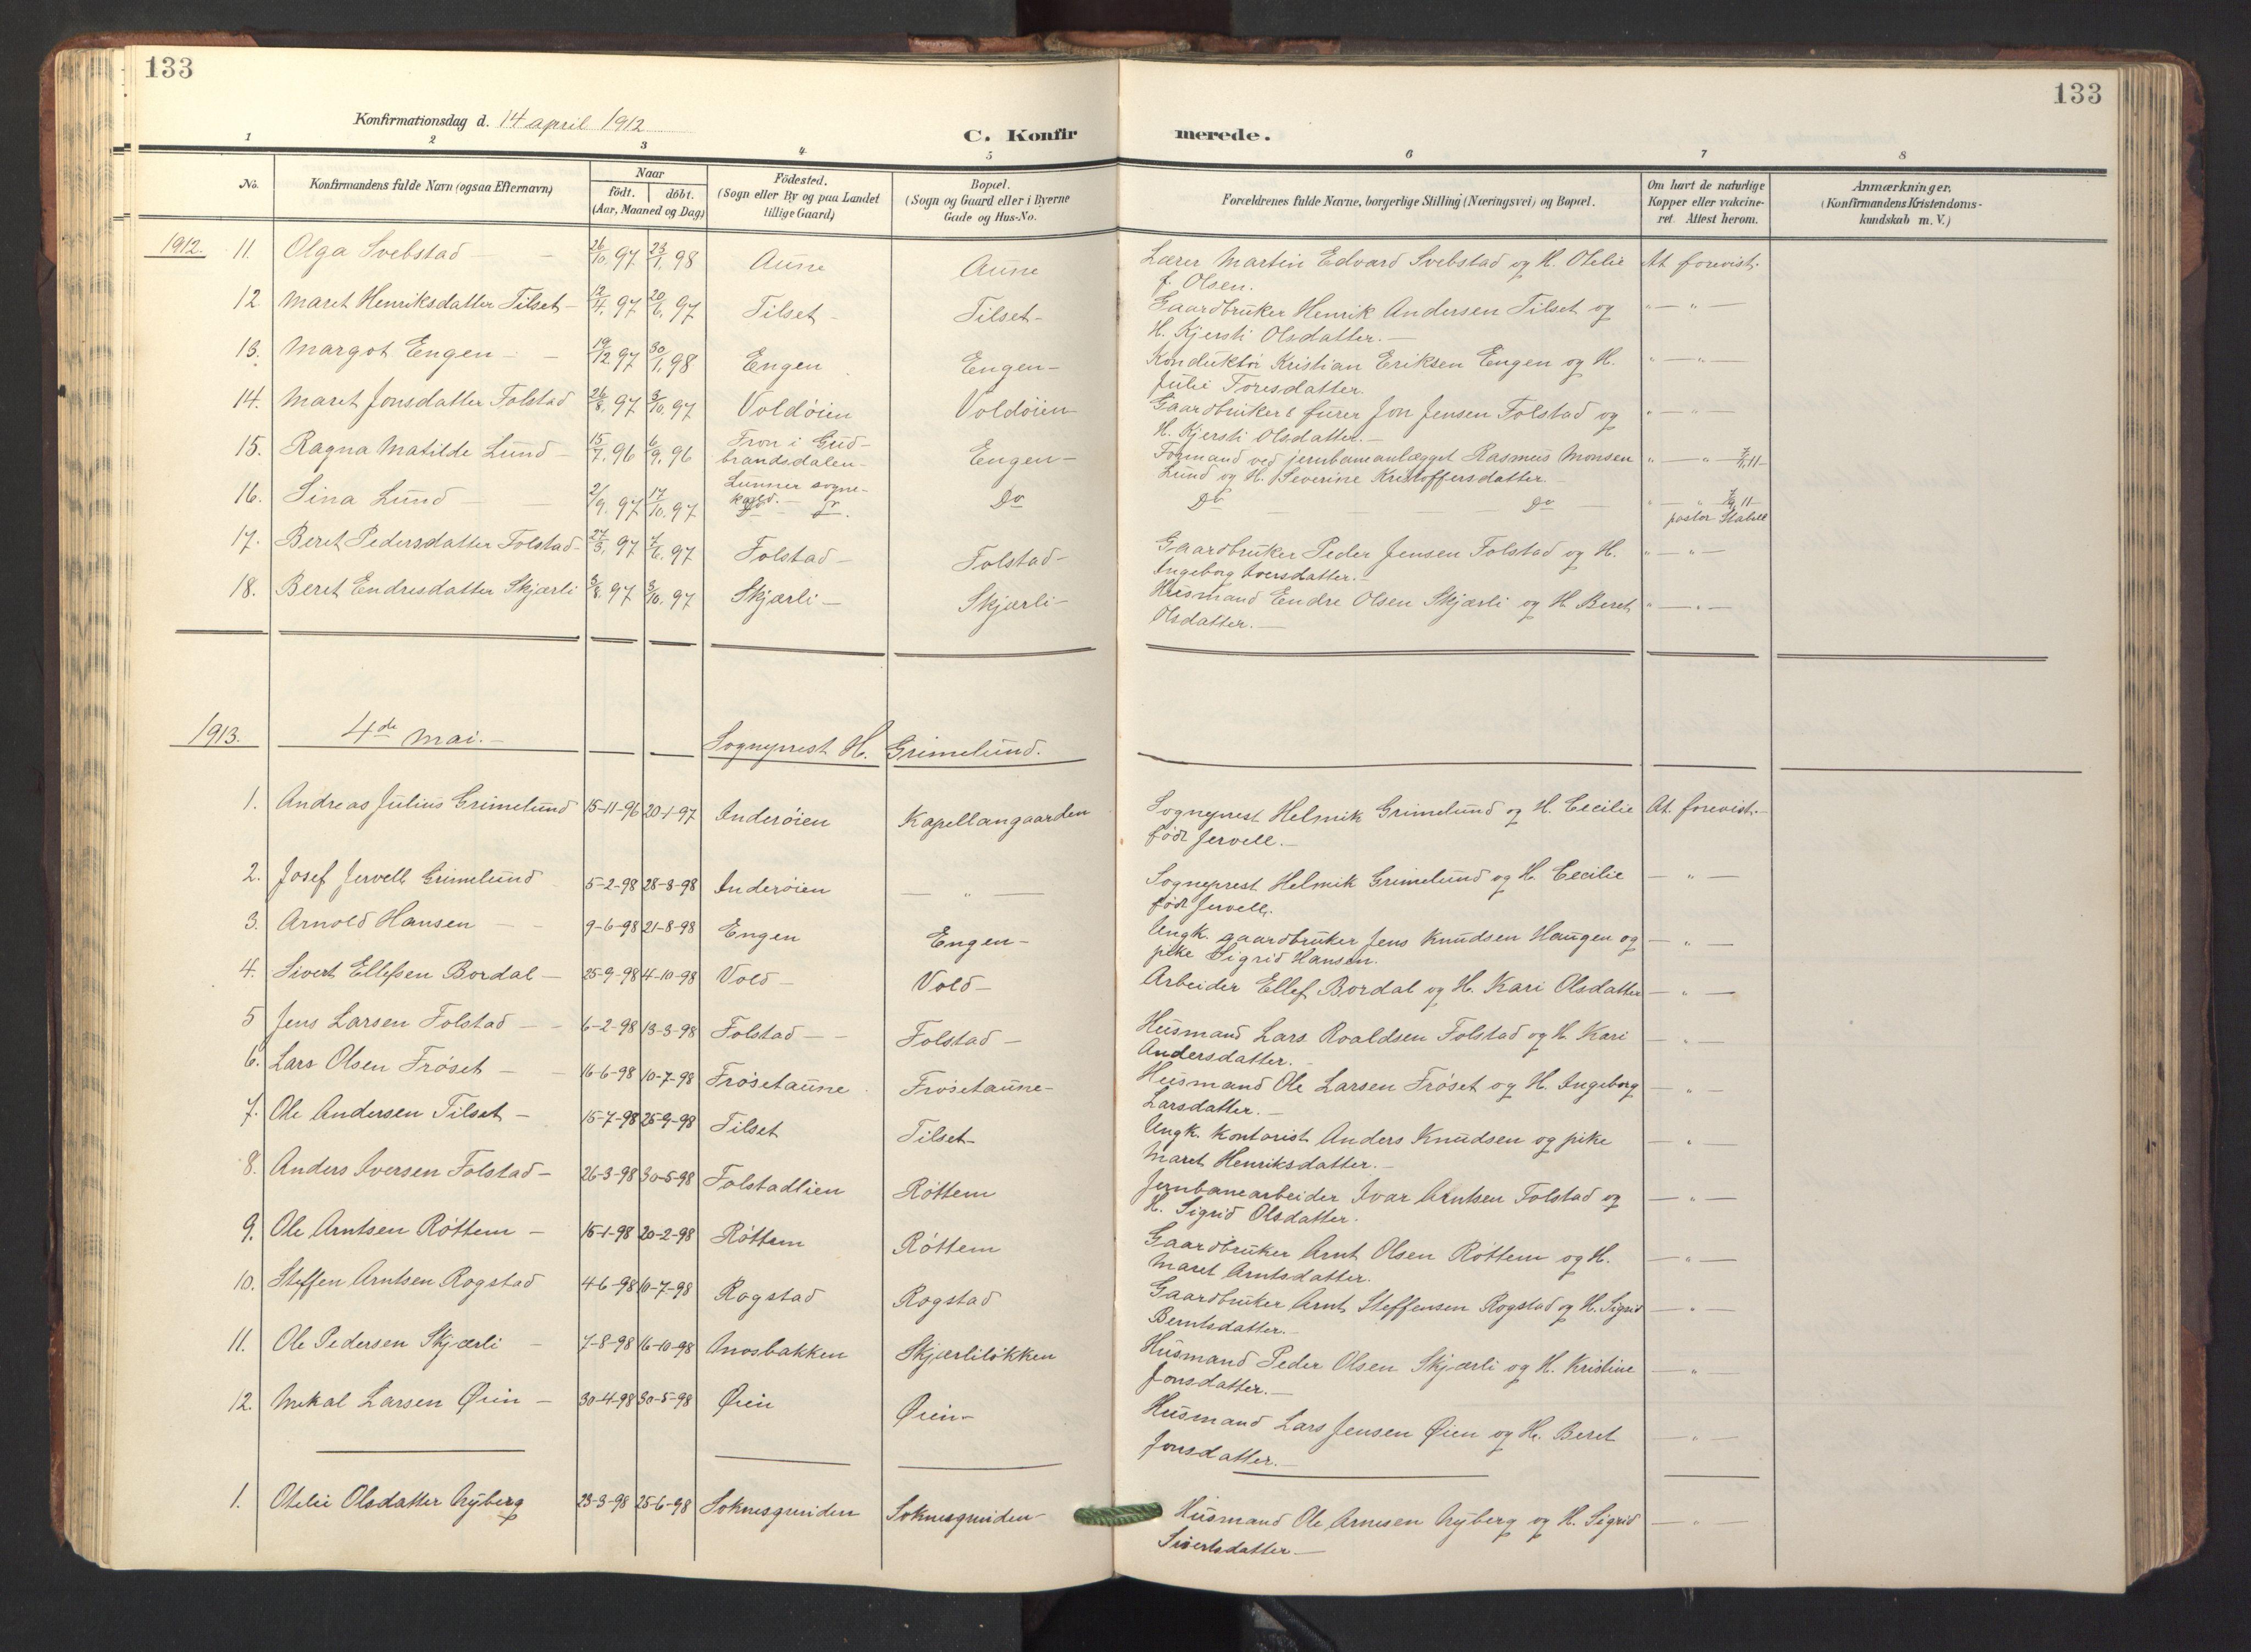 SAT, Ministerialprotokoller, klokkerbøker og fødselsregistre - Sør-Trøndelag, 687/L1019: Klokkerbok nr. 687C03, 1904-1931, s. 133